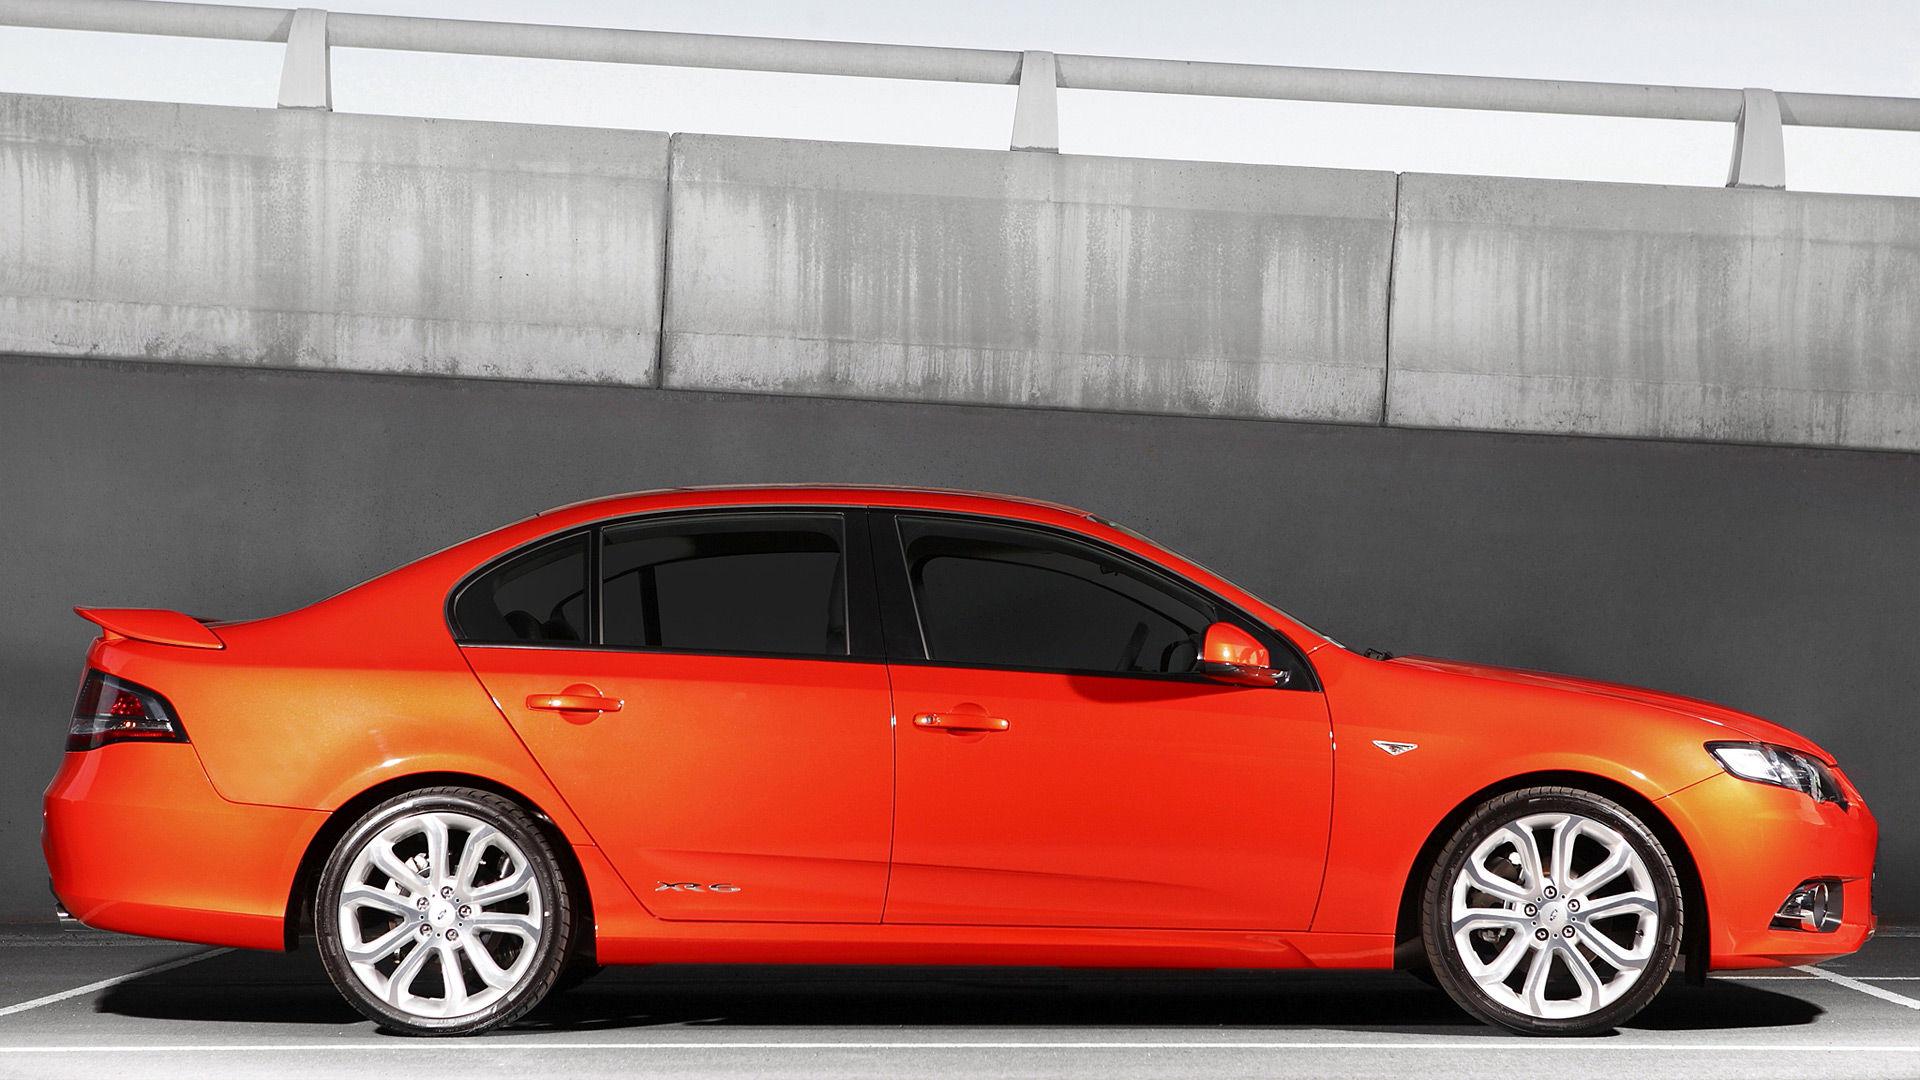 2011 Ford Falcon XR6 Turbo